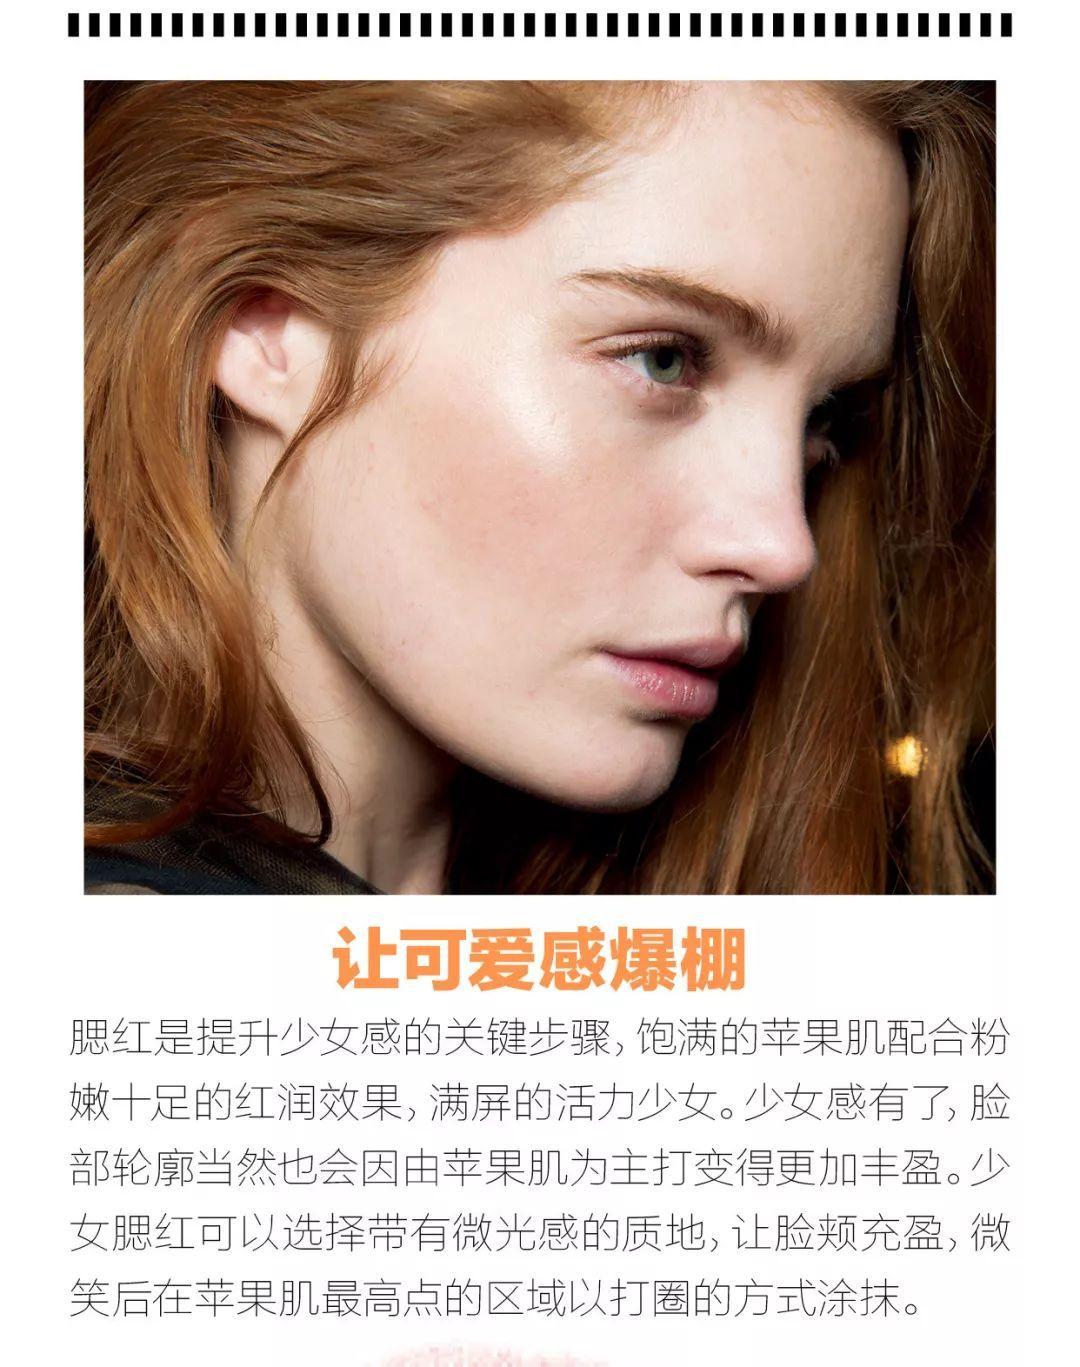 6大美妆神器,开启清爽夏日模式!